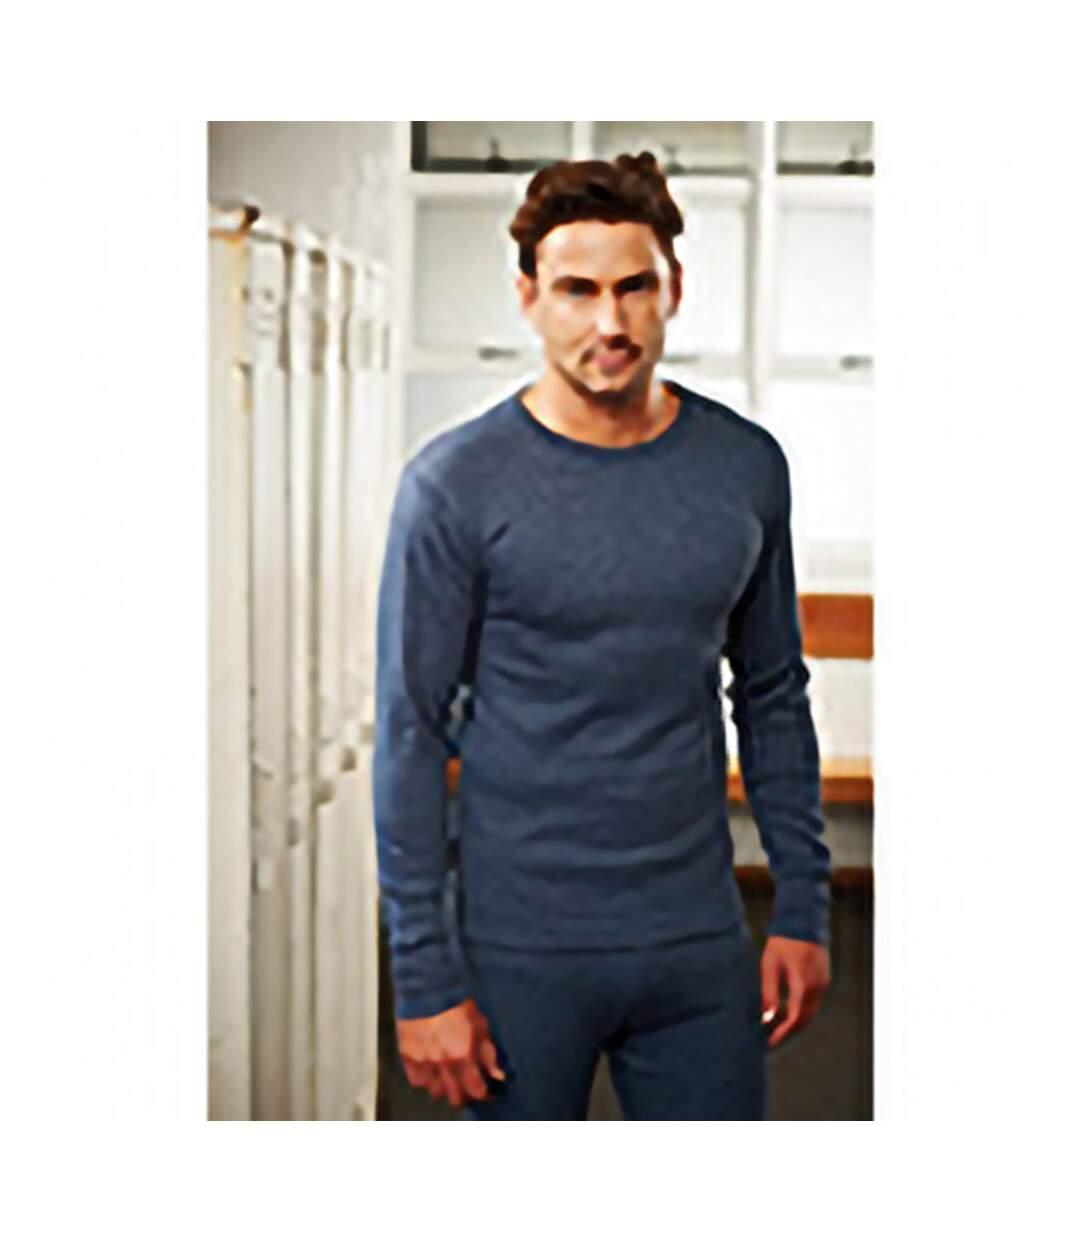 Regatta - T-shirt thermique à manche longues - Homme (Denim) - UTRW1259